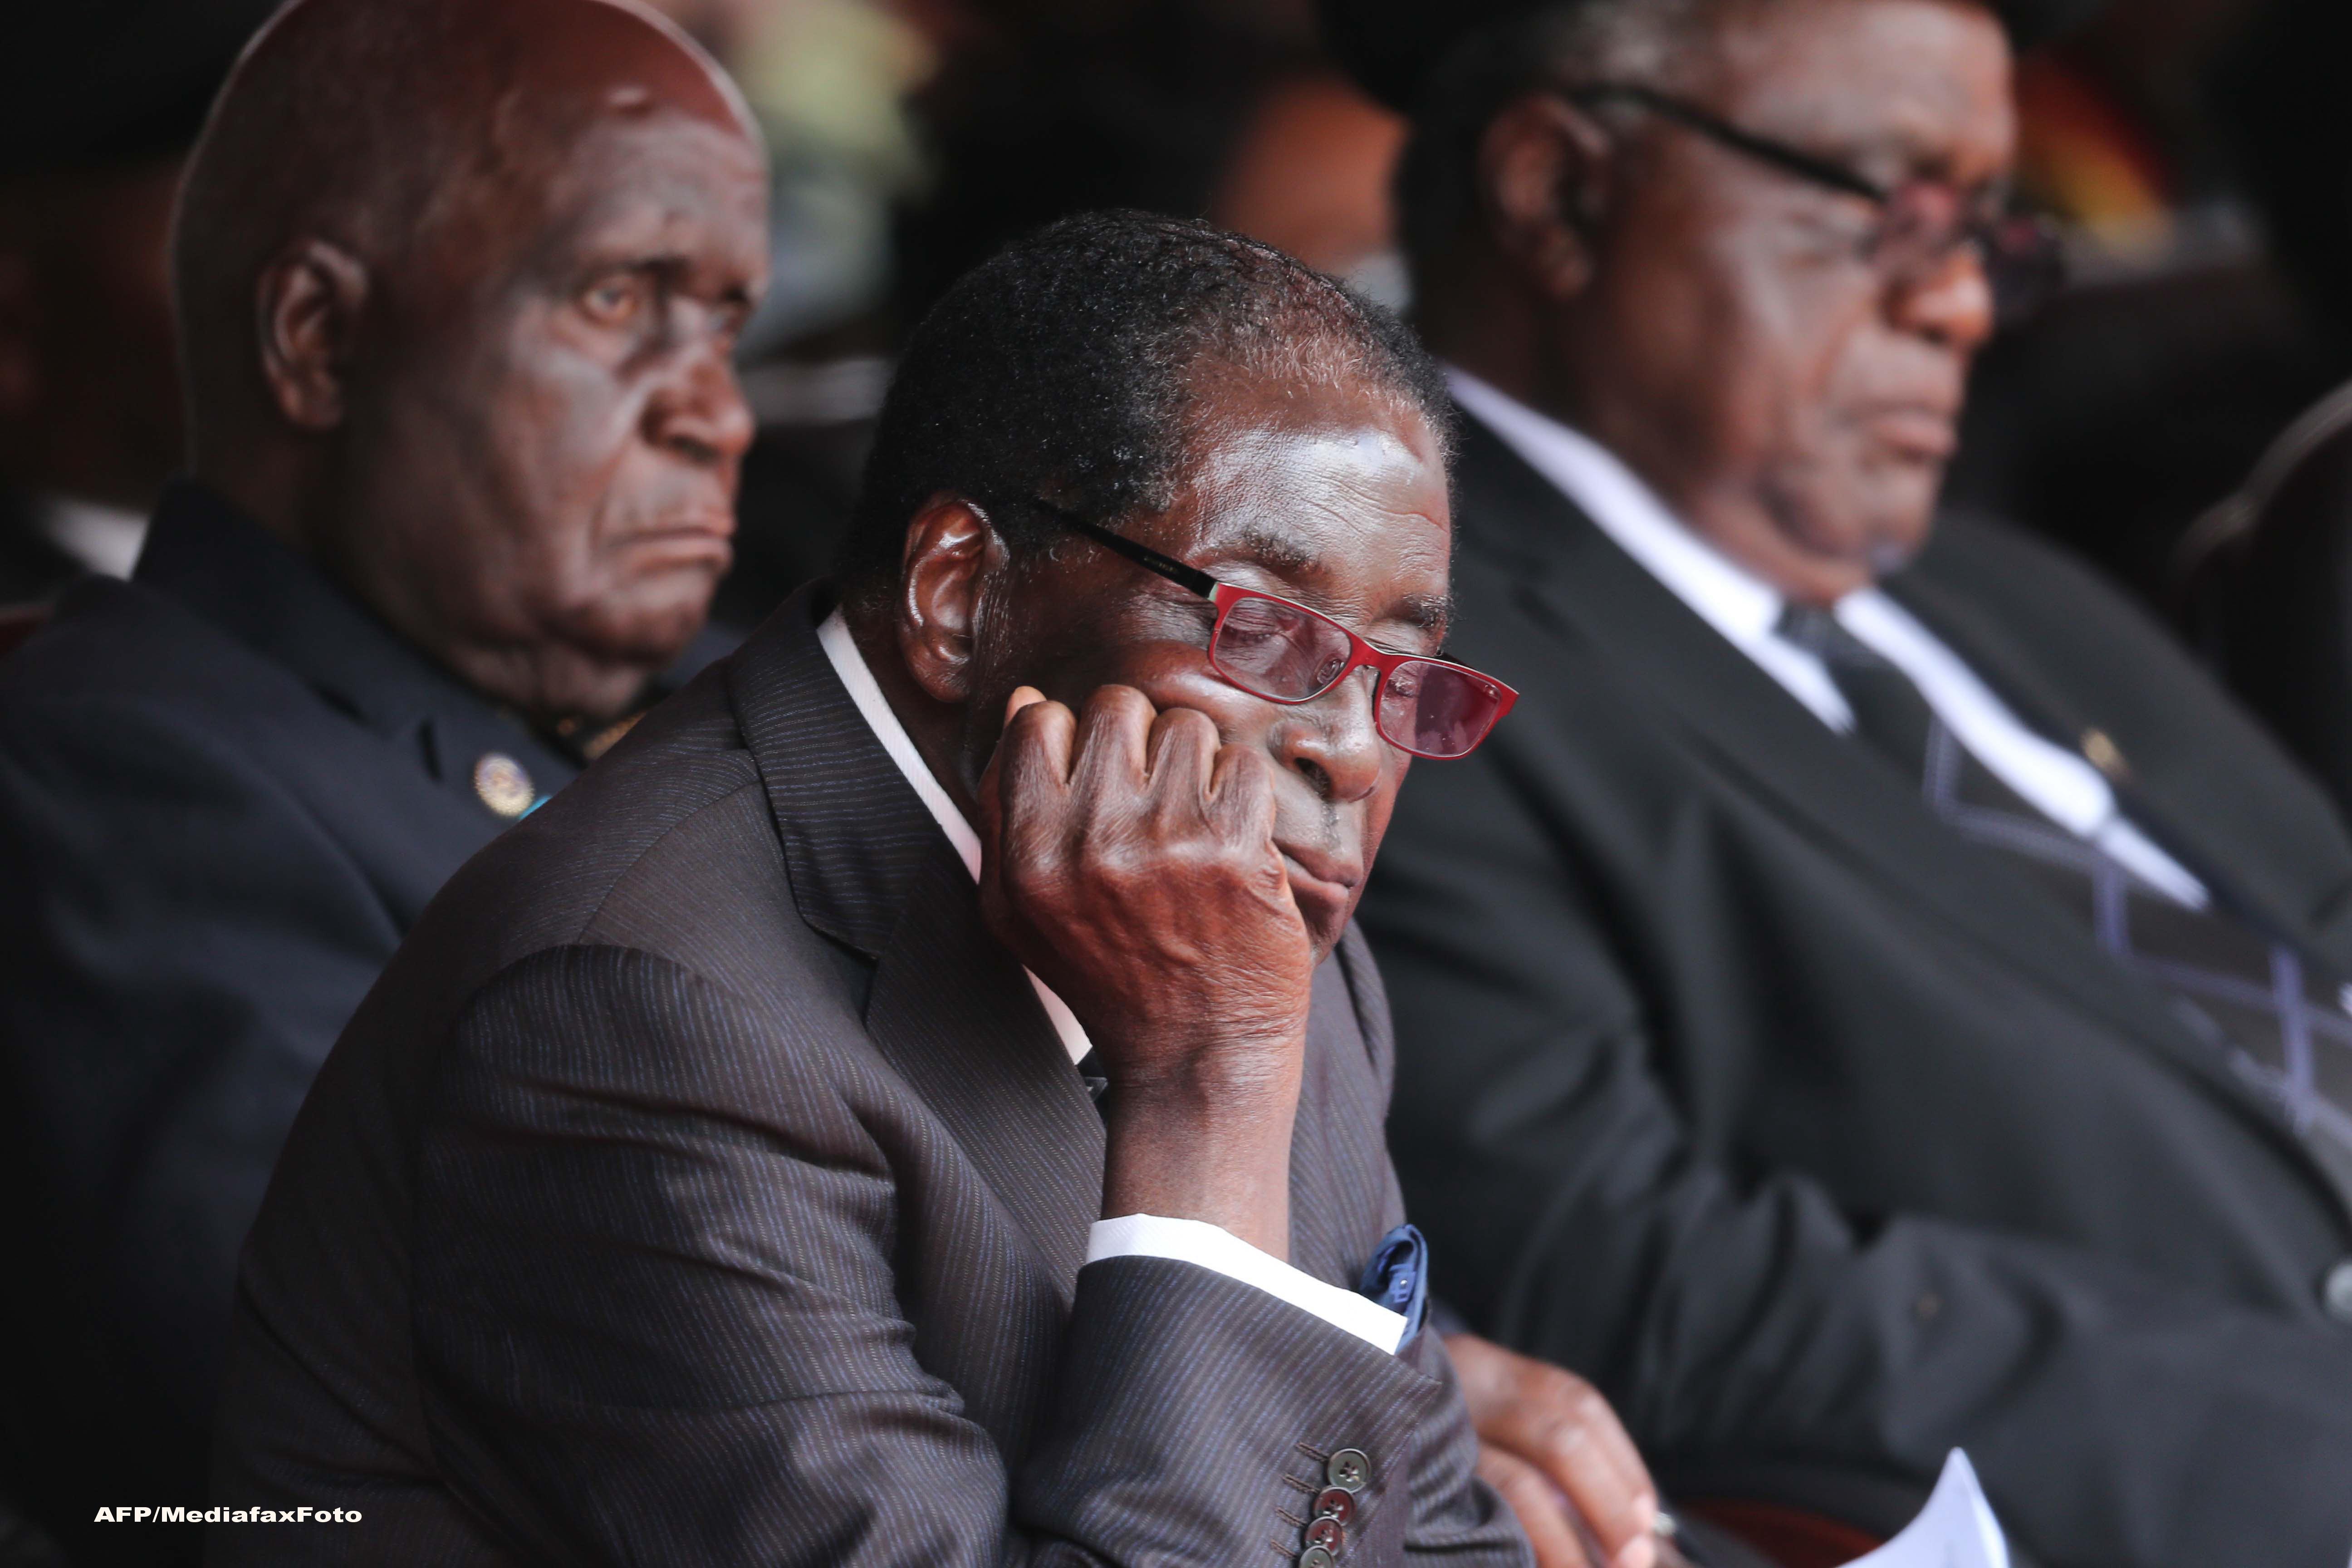 Caderea presedintelui Mugabe pe scari nu a ramas nepedepsita. Ce au patit 27 de garzi de corp ale presedintelui din Zimbabwe